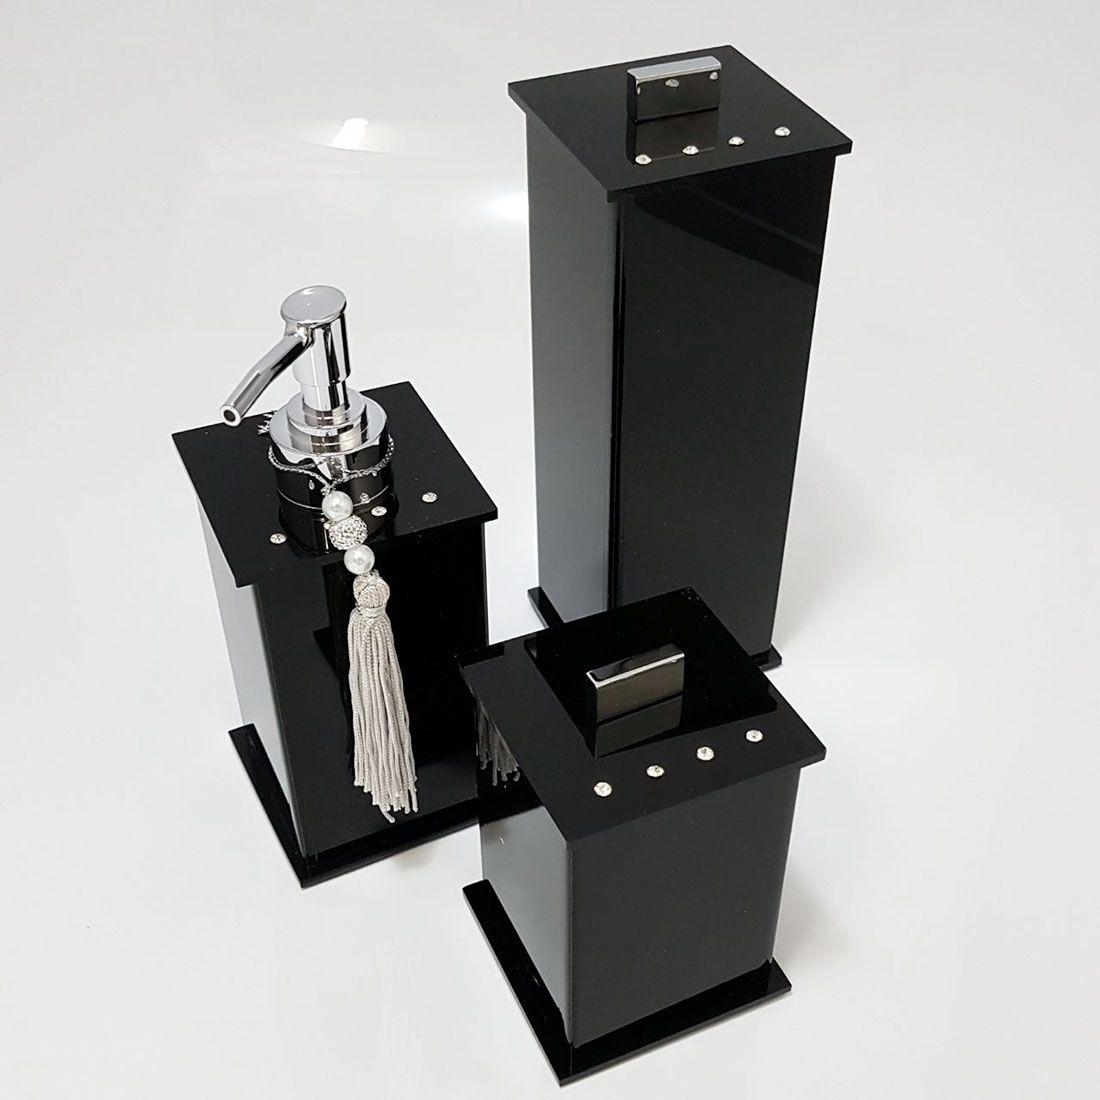 Porta Objetos Elegance Cristal para Bancadas de Banheiros e Lavabos